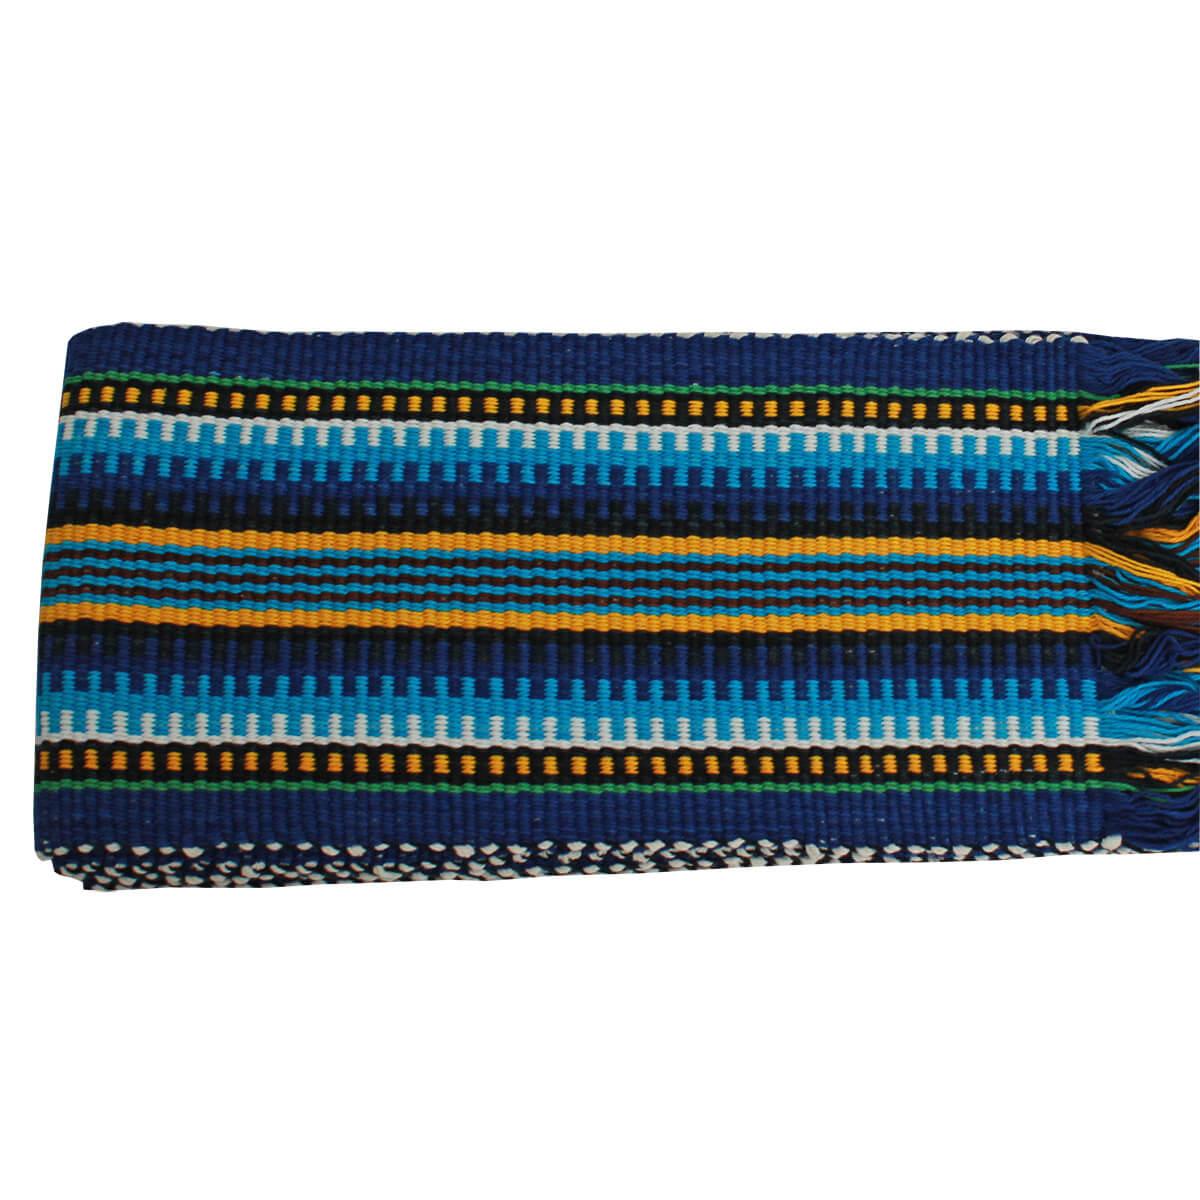 Faixa Paraguaia Boiadeira Amarela Com Azul